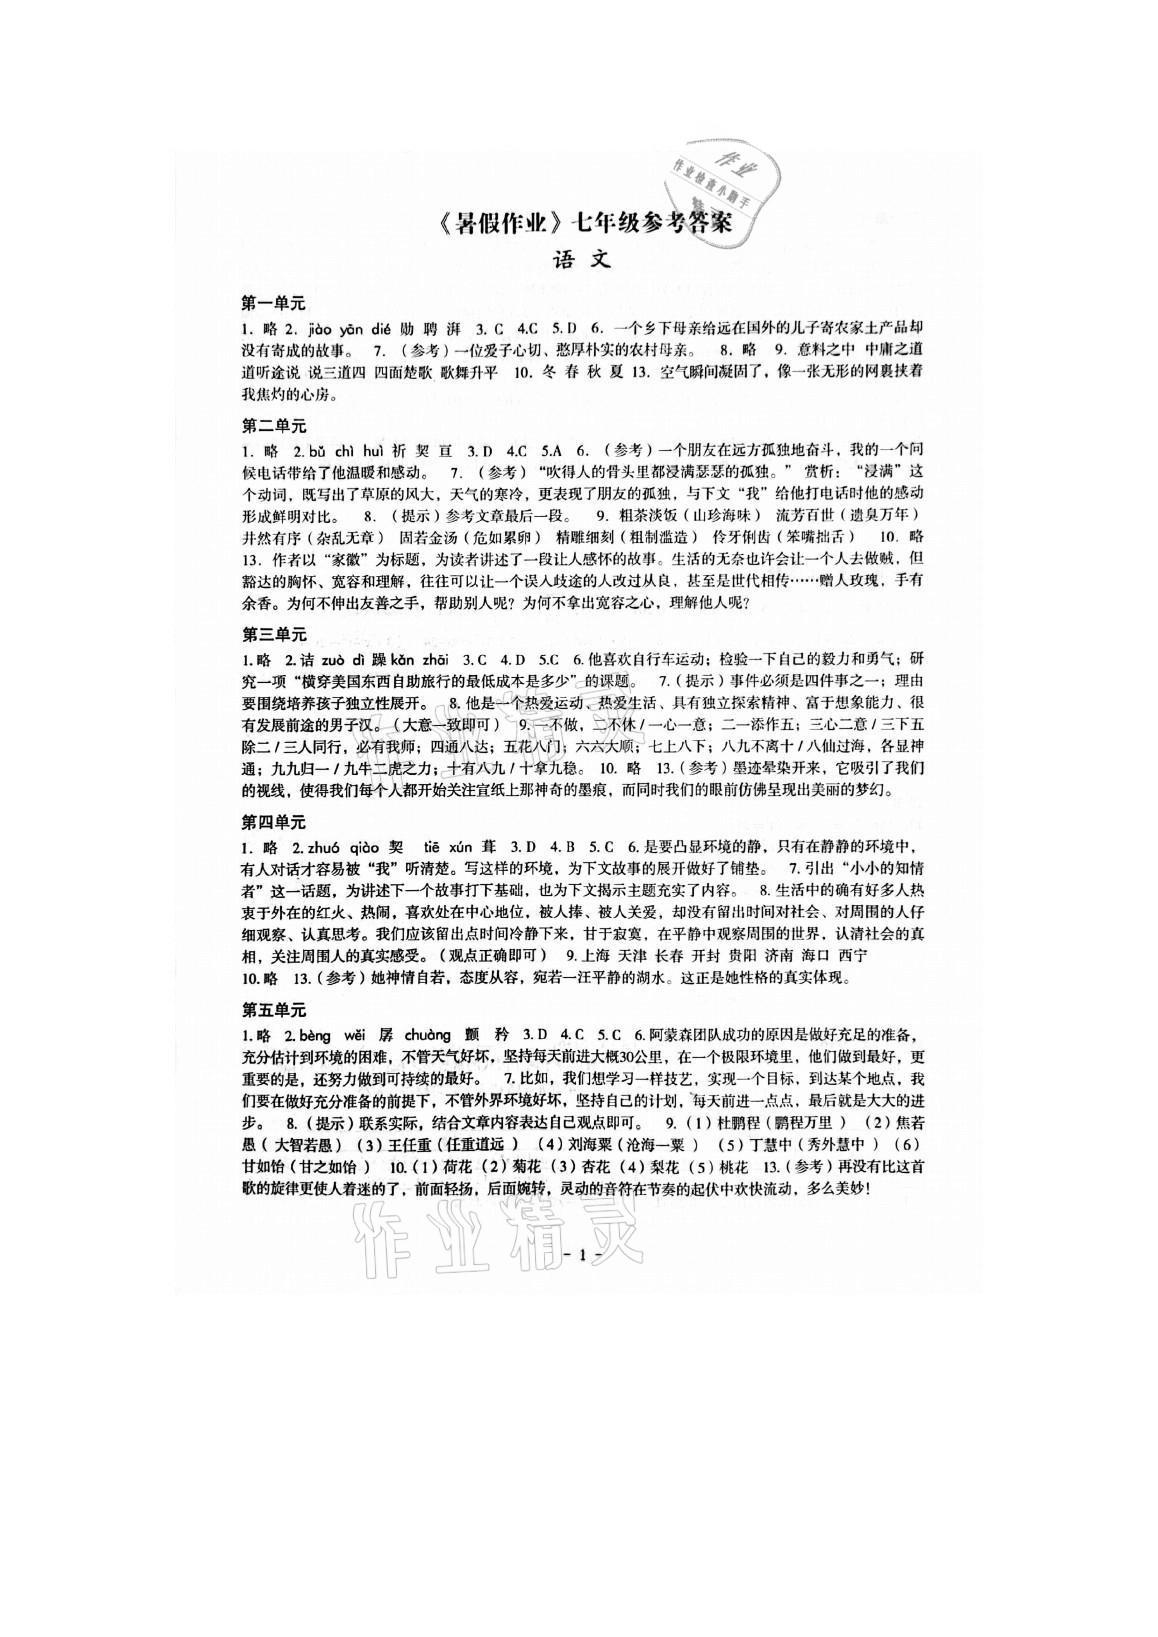 2021年暑假作業七年級深圳報業集團出版社參考答案第1頁